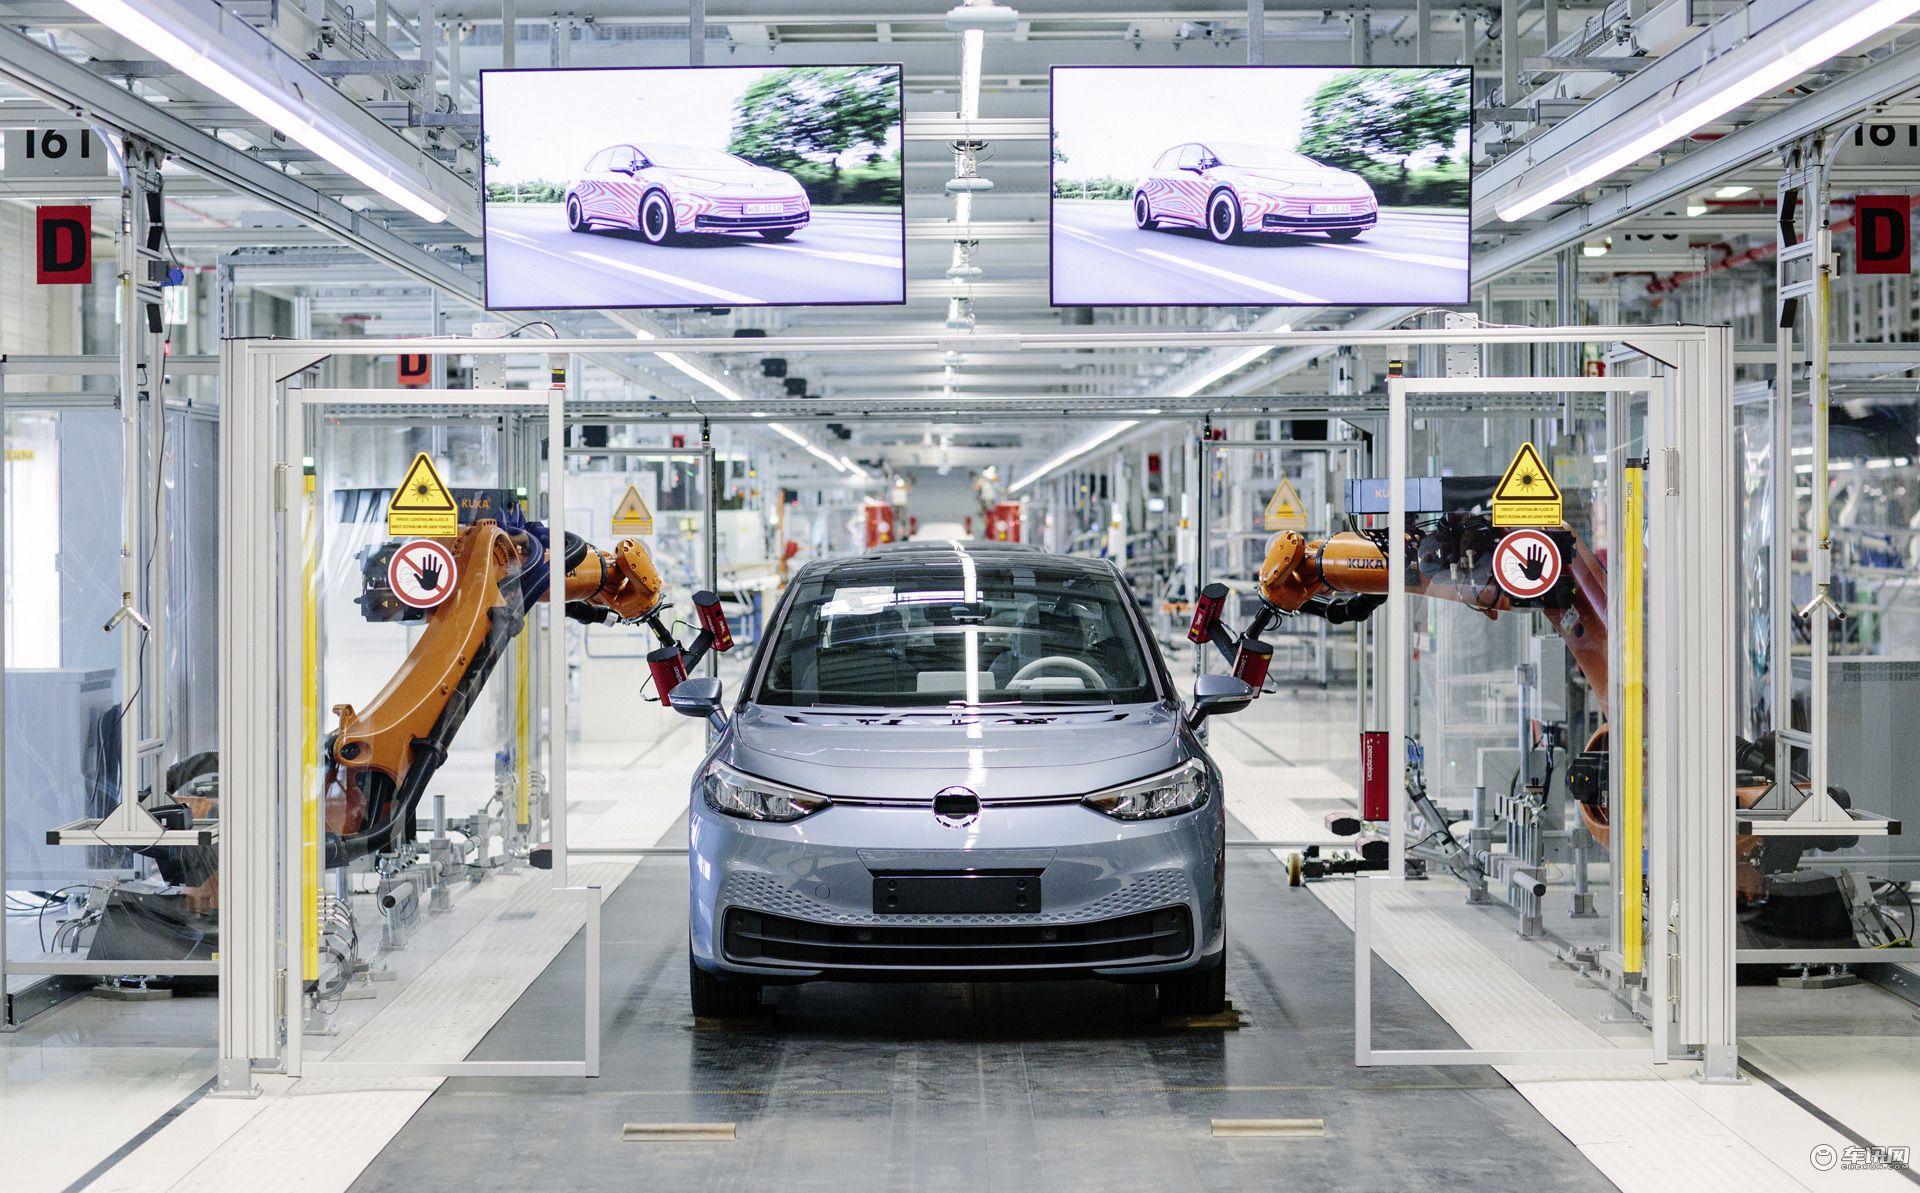 又有新研究表明:即使电池价格下降,电动车制造成本仍会很高